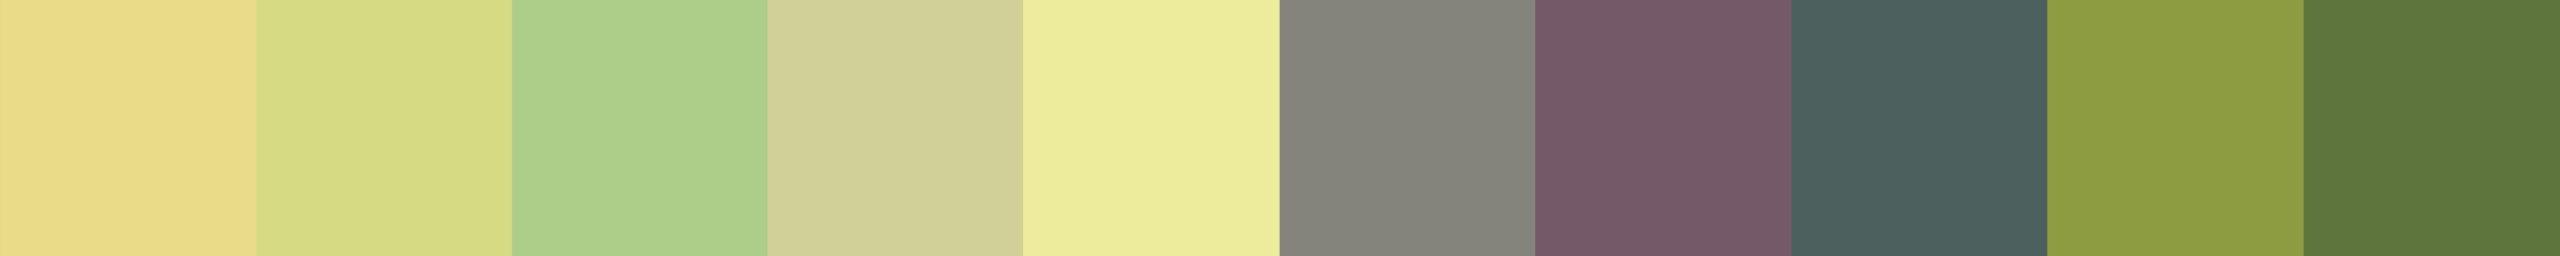 634 Liomata Color Palette